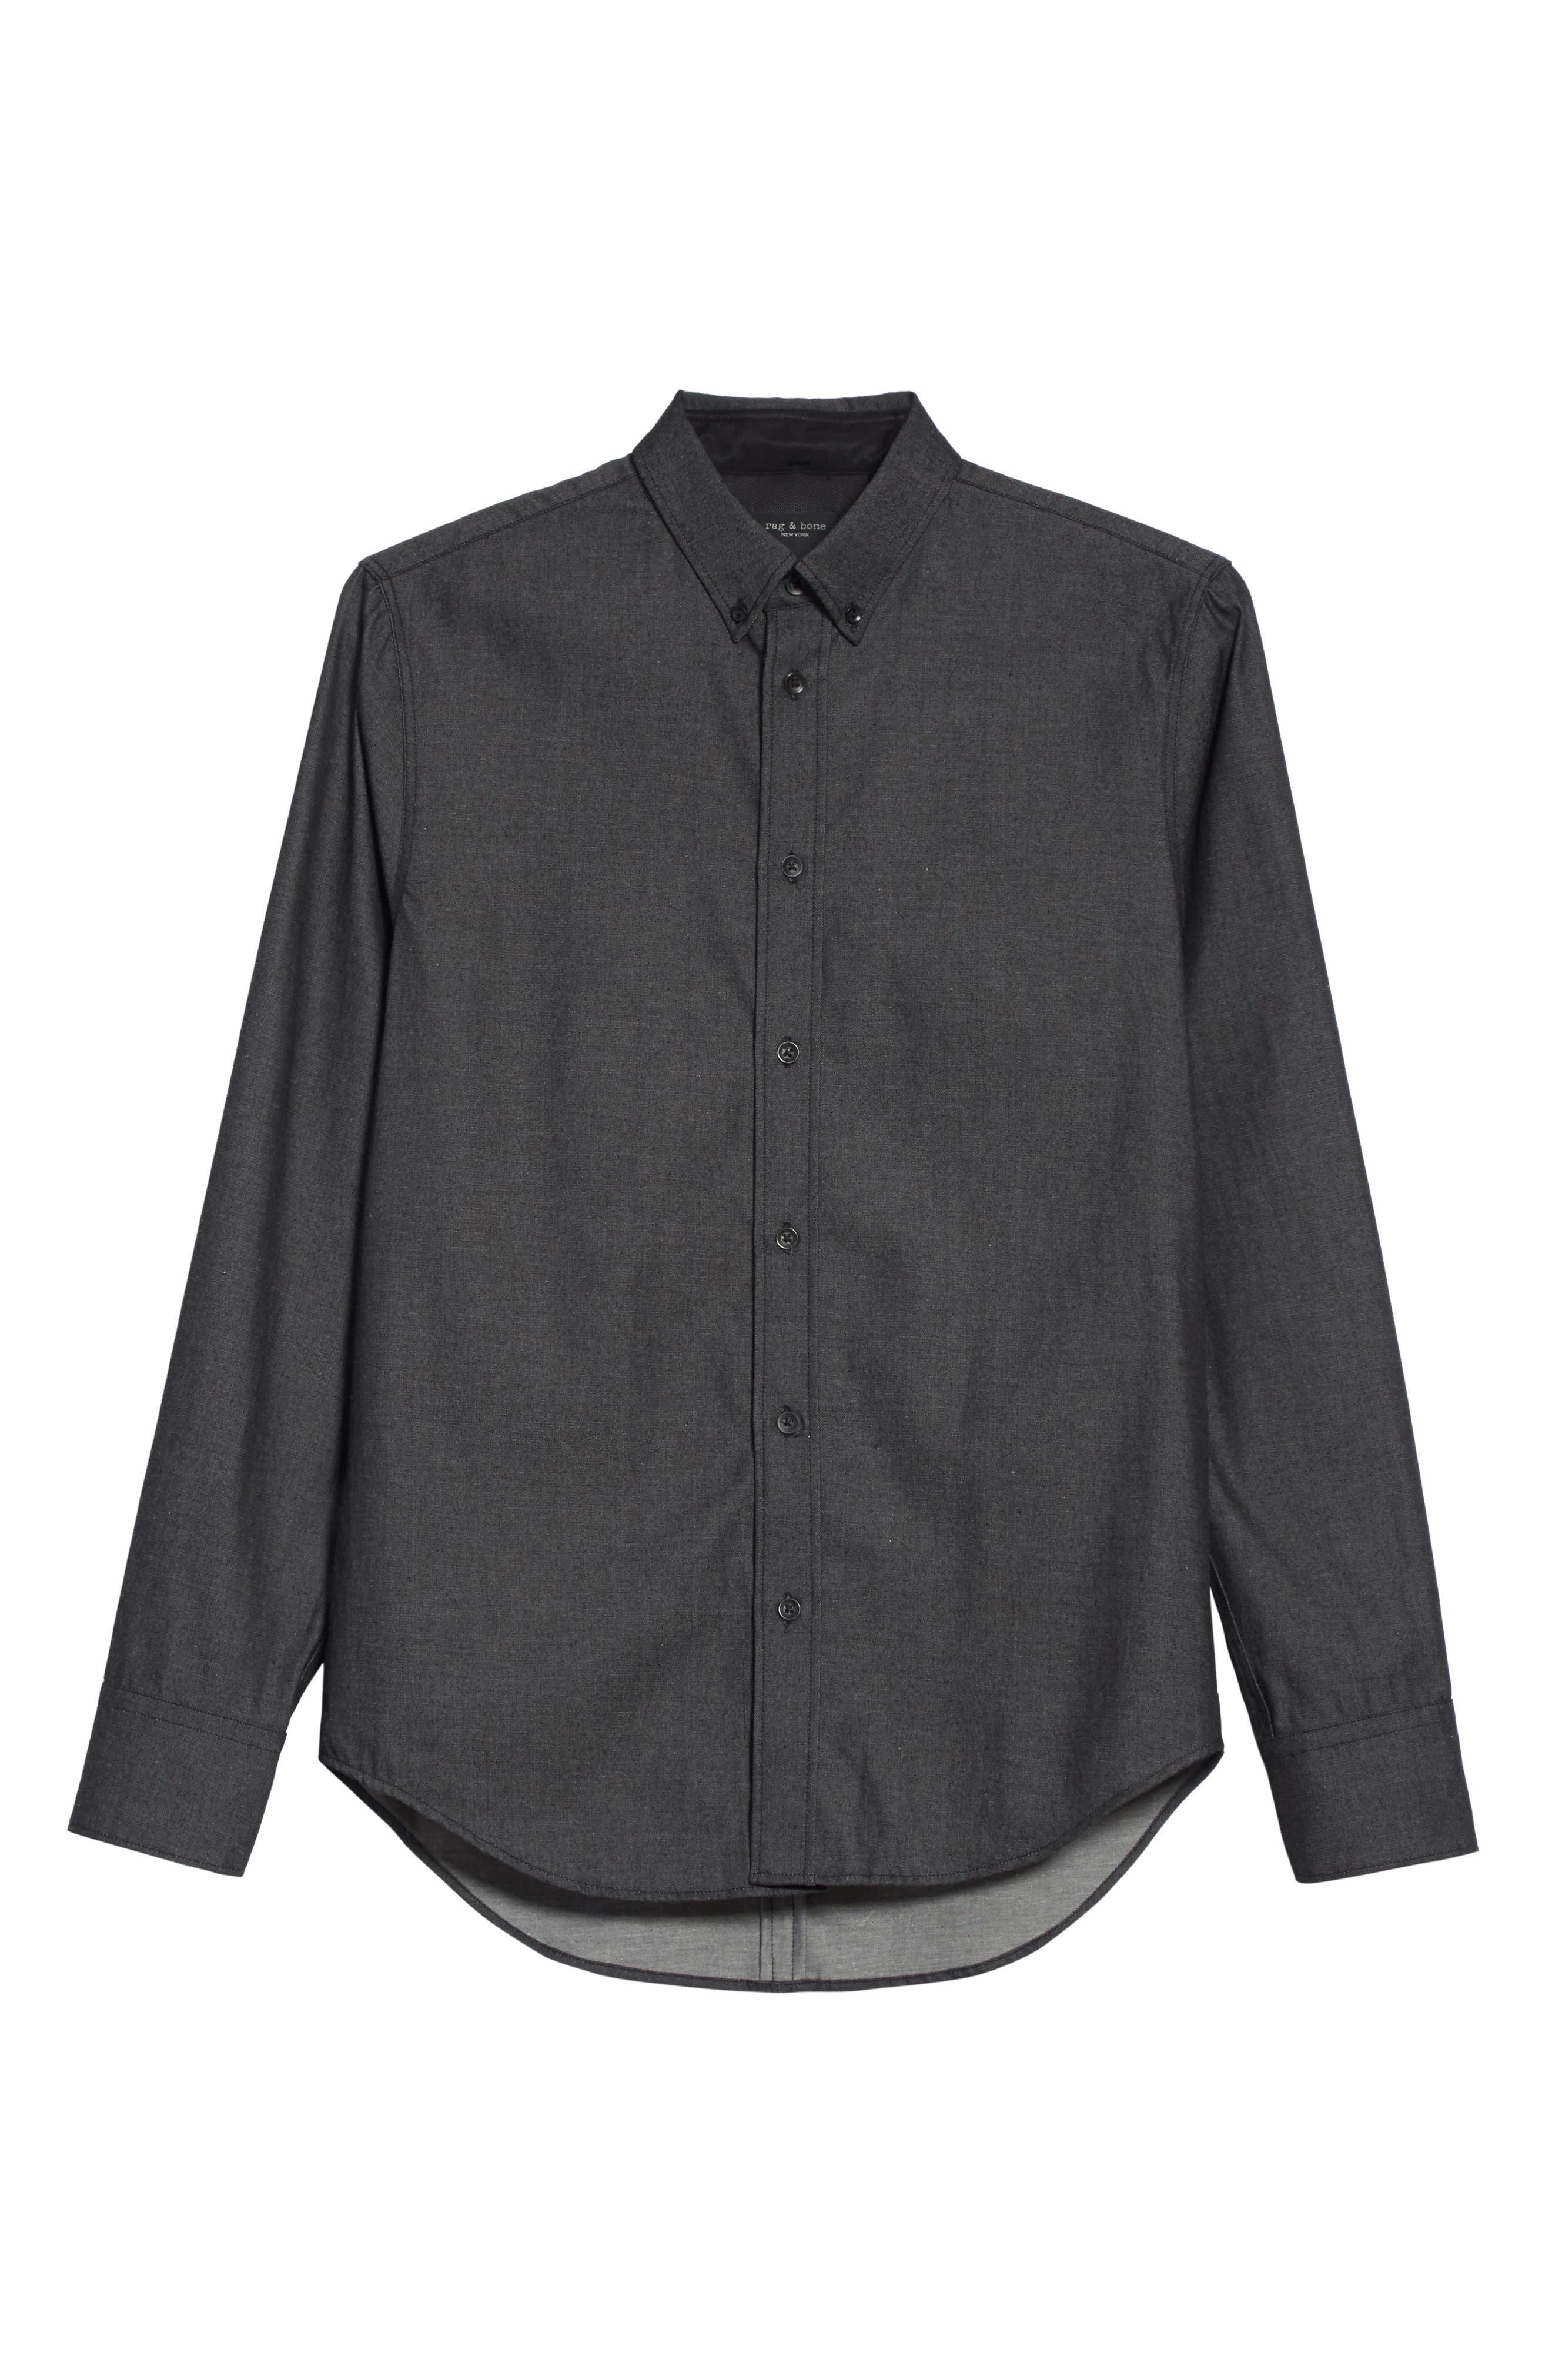 Fit 2 Tomlin Shirt,                             Alternate thumbnail 6, color,                             Black